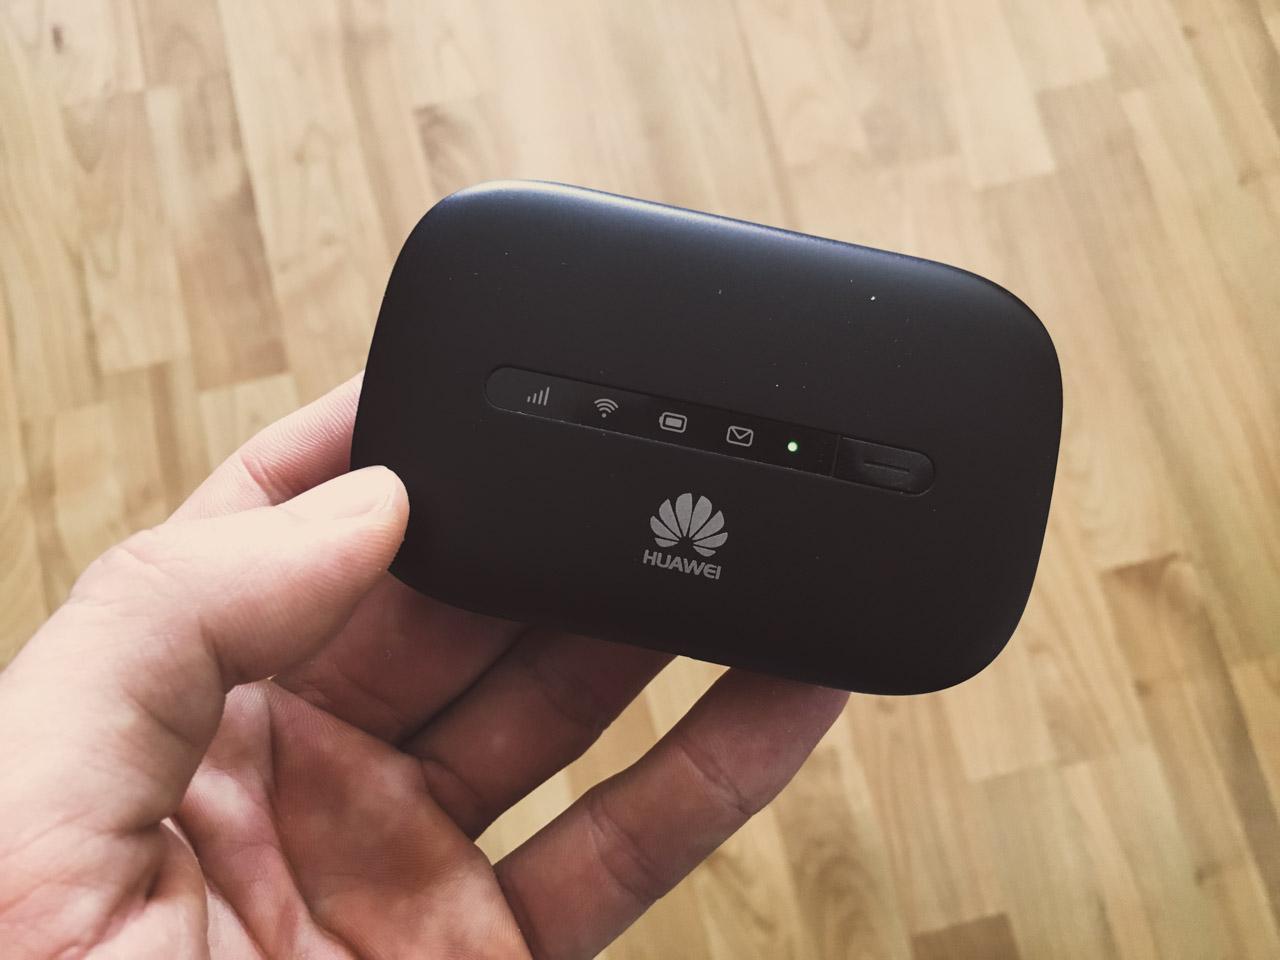 Mobiler Router mit Simkarte: Erfahrungen mit dem Huawei E5330